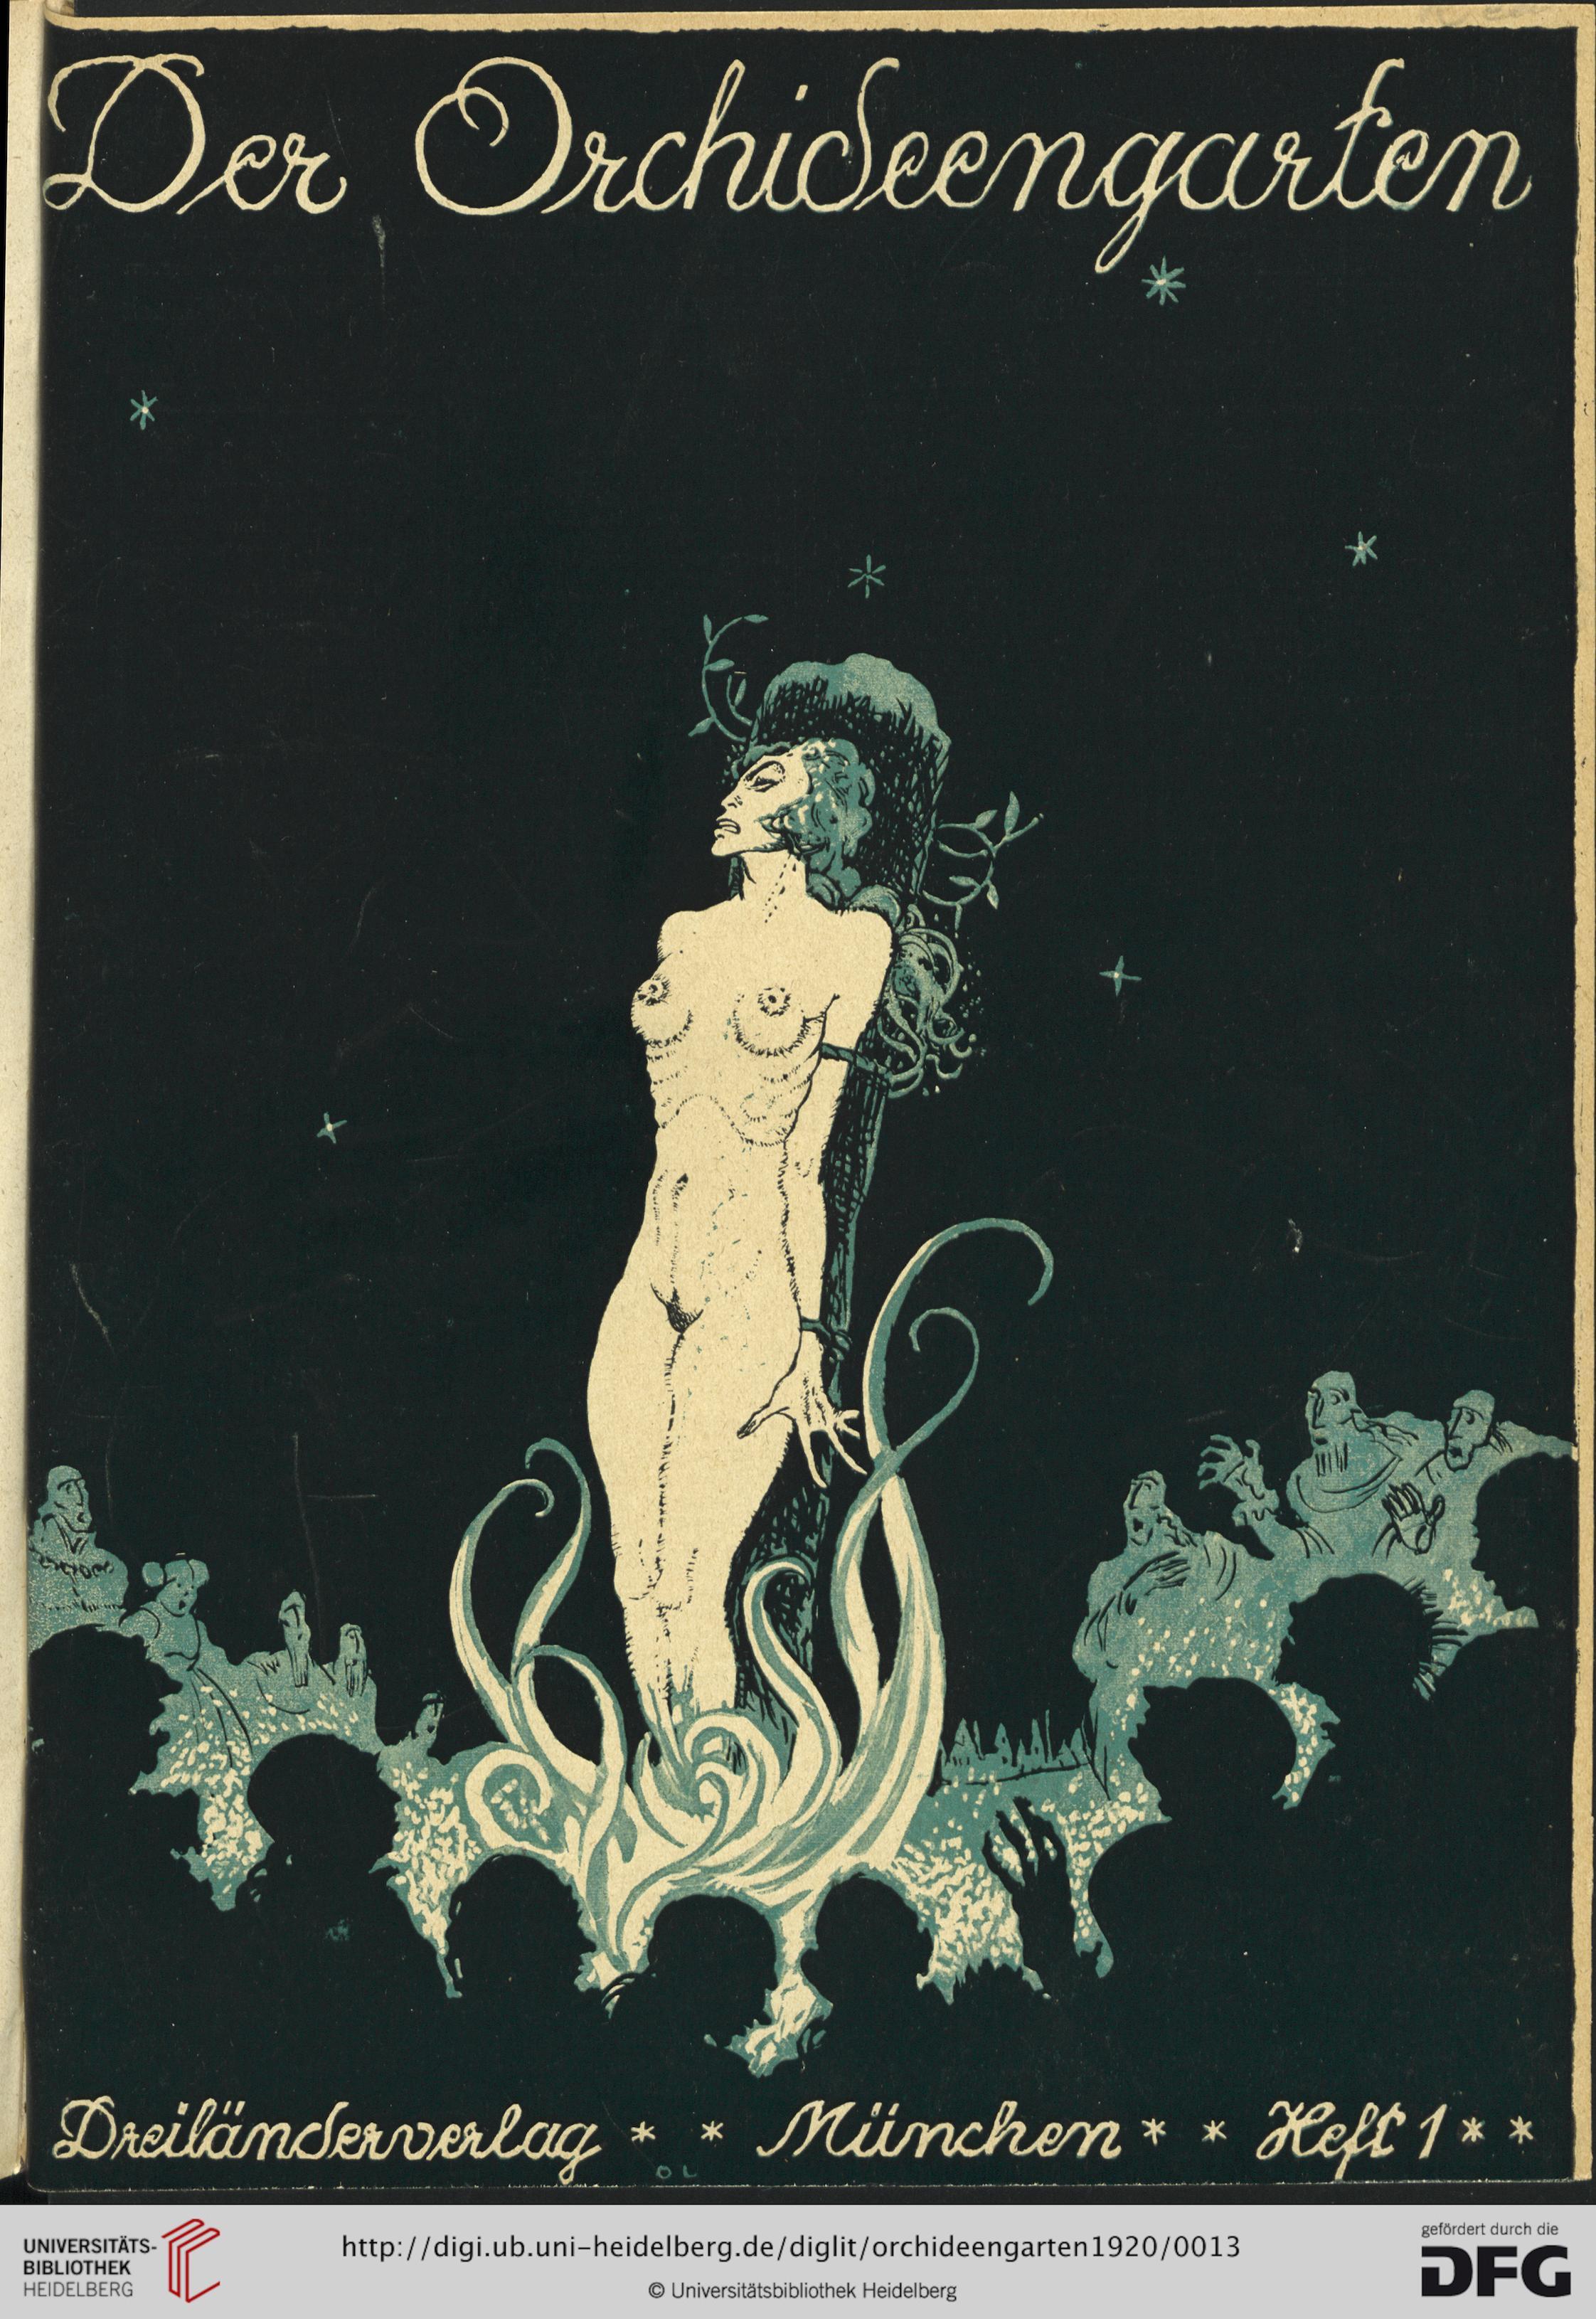 Ilustración de la revista 'Der Orchideengarten', digitalizada por la Universidad de Heidelberg